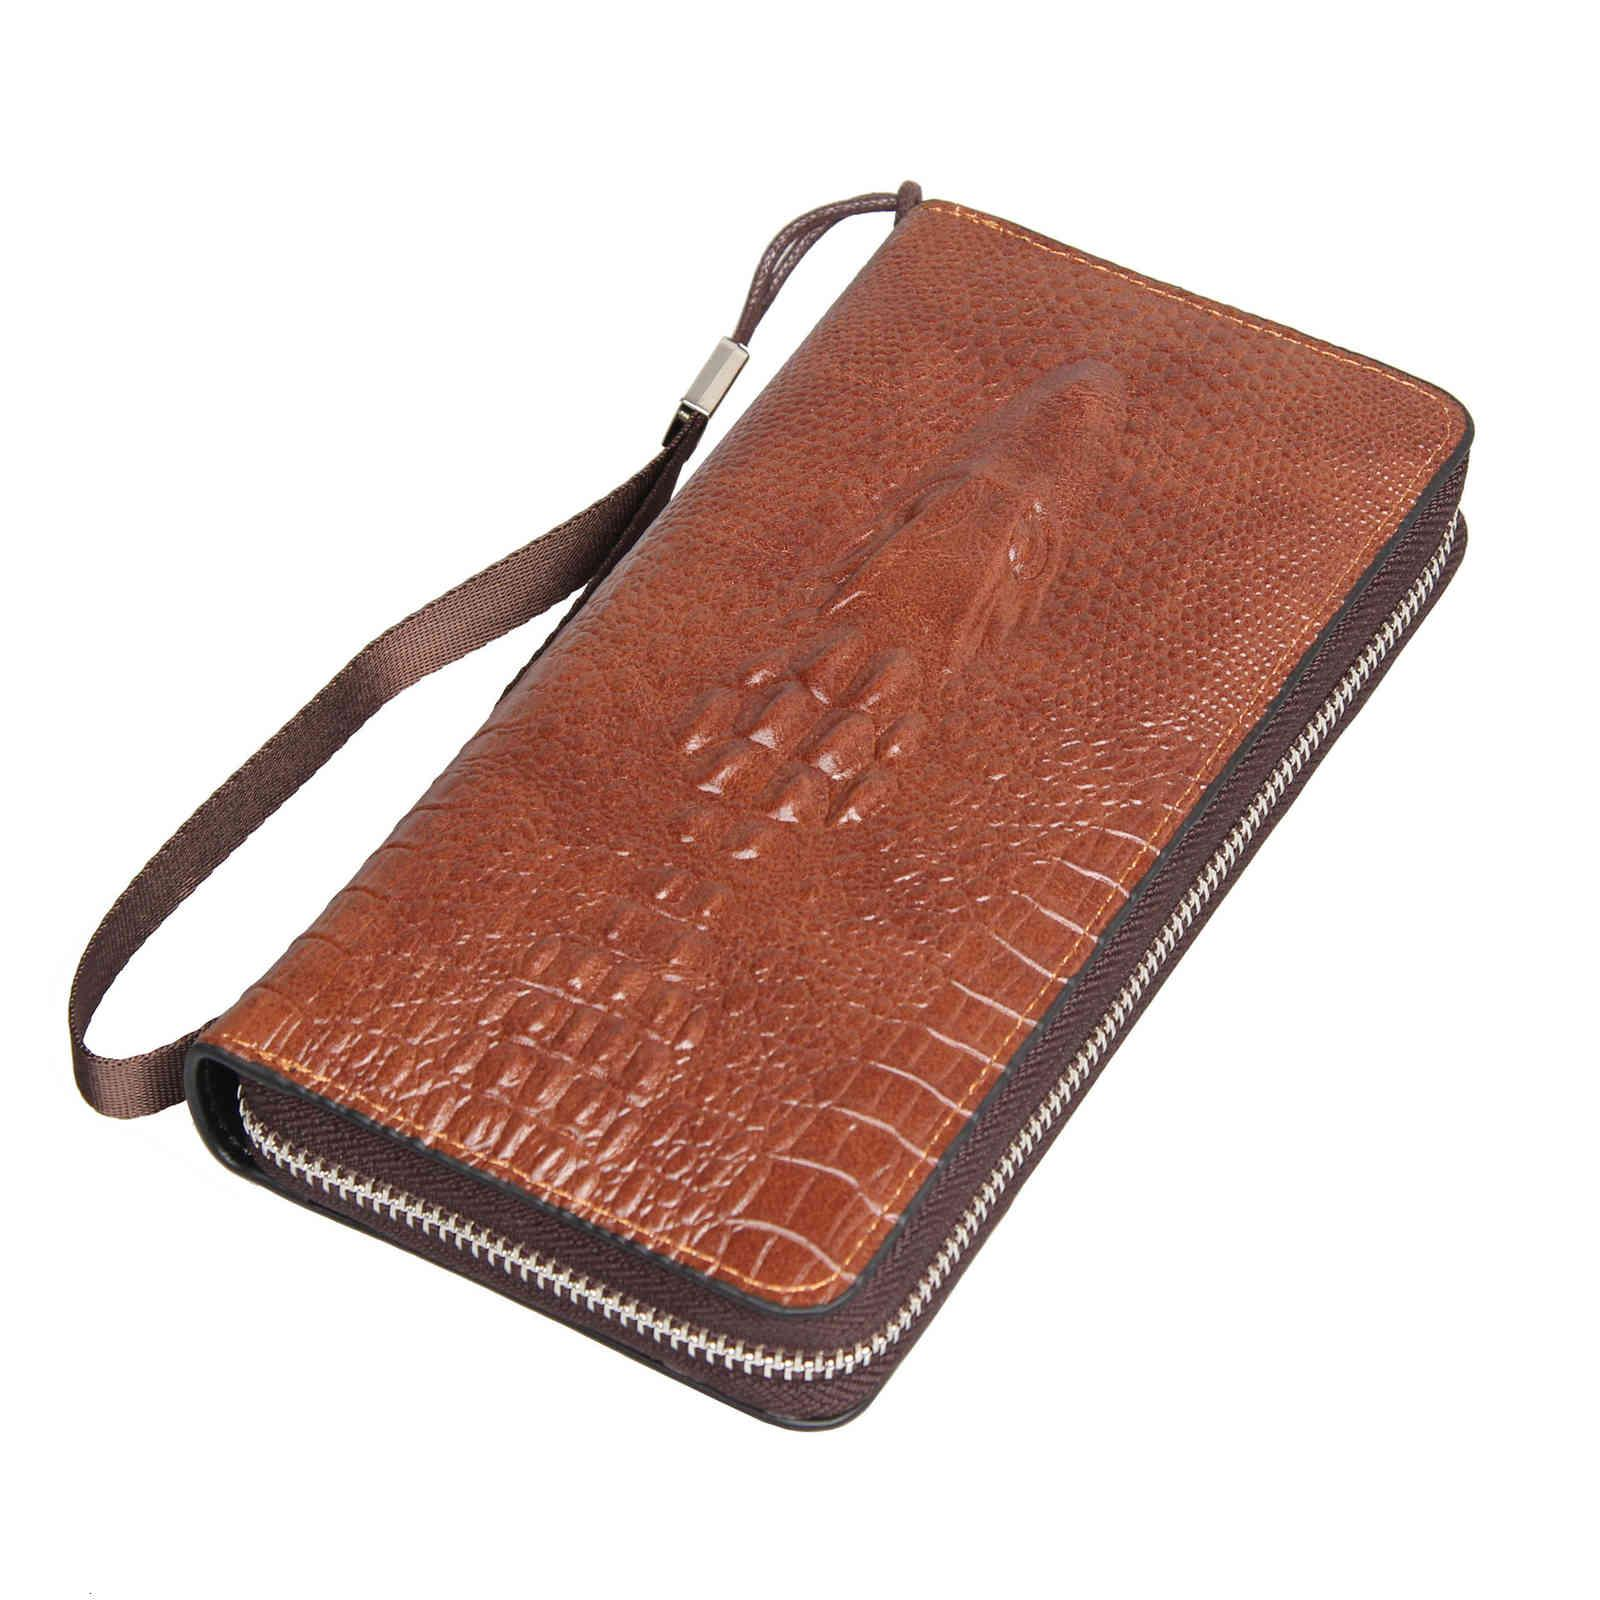 Billetera de billetes de billetes grandes de billetera Cocodrilo largo Bolso de función multi-Función Bolsa de teléfono móvil